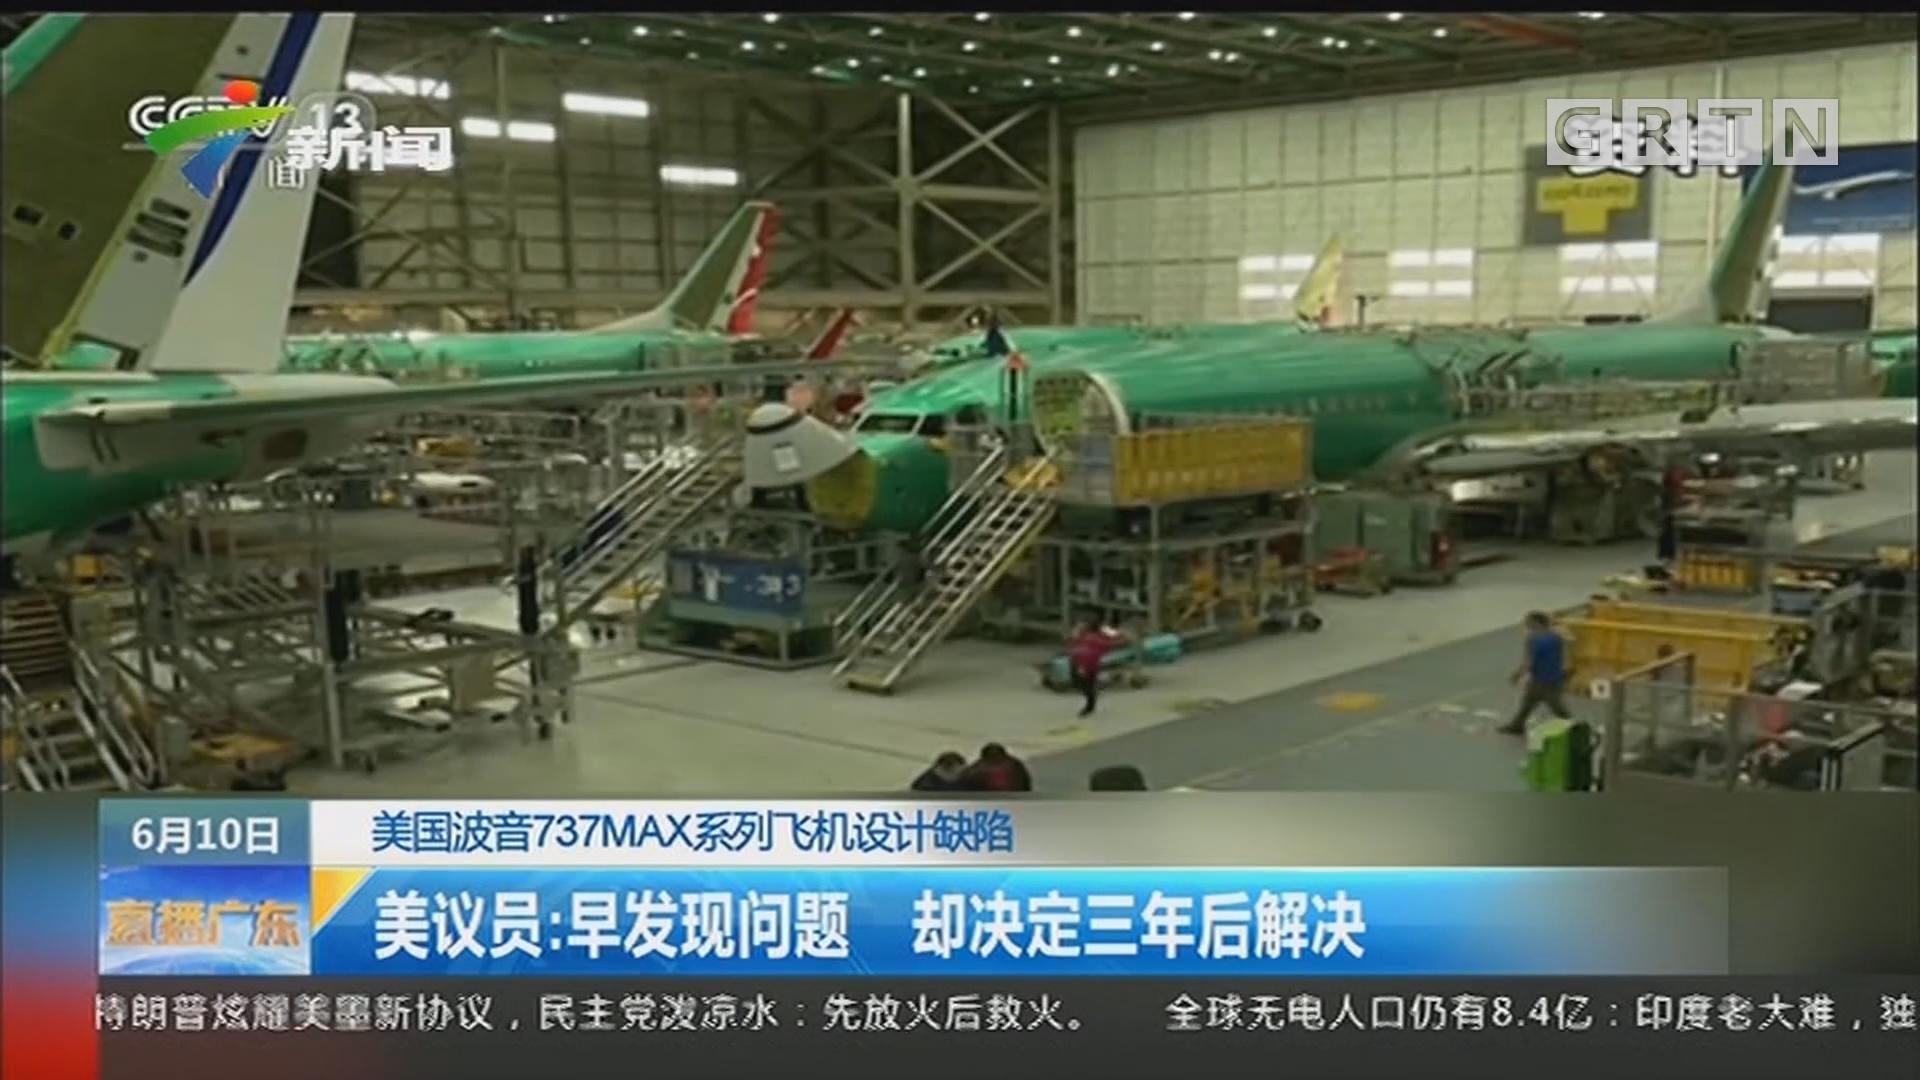 美国波音737MAX系列飞机设计缺陷 美议员:早发现问题 却决定三年后解决